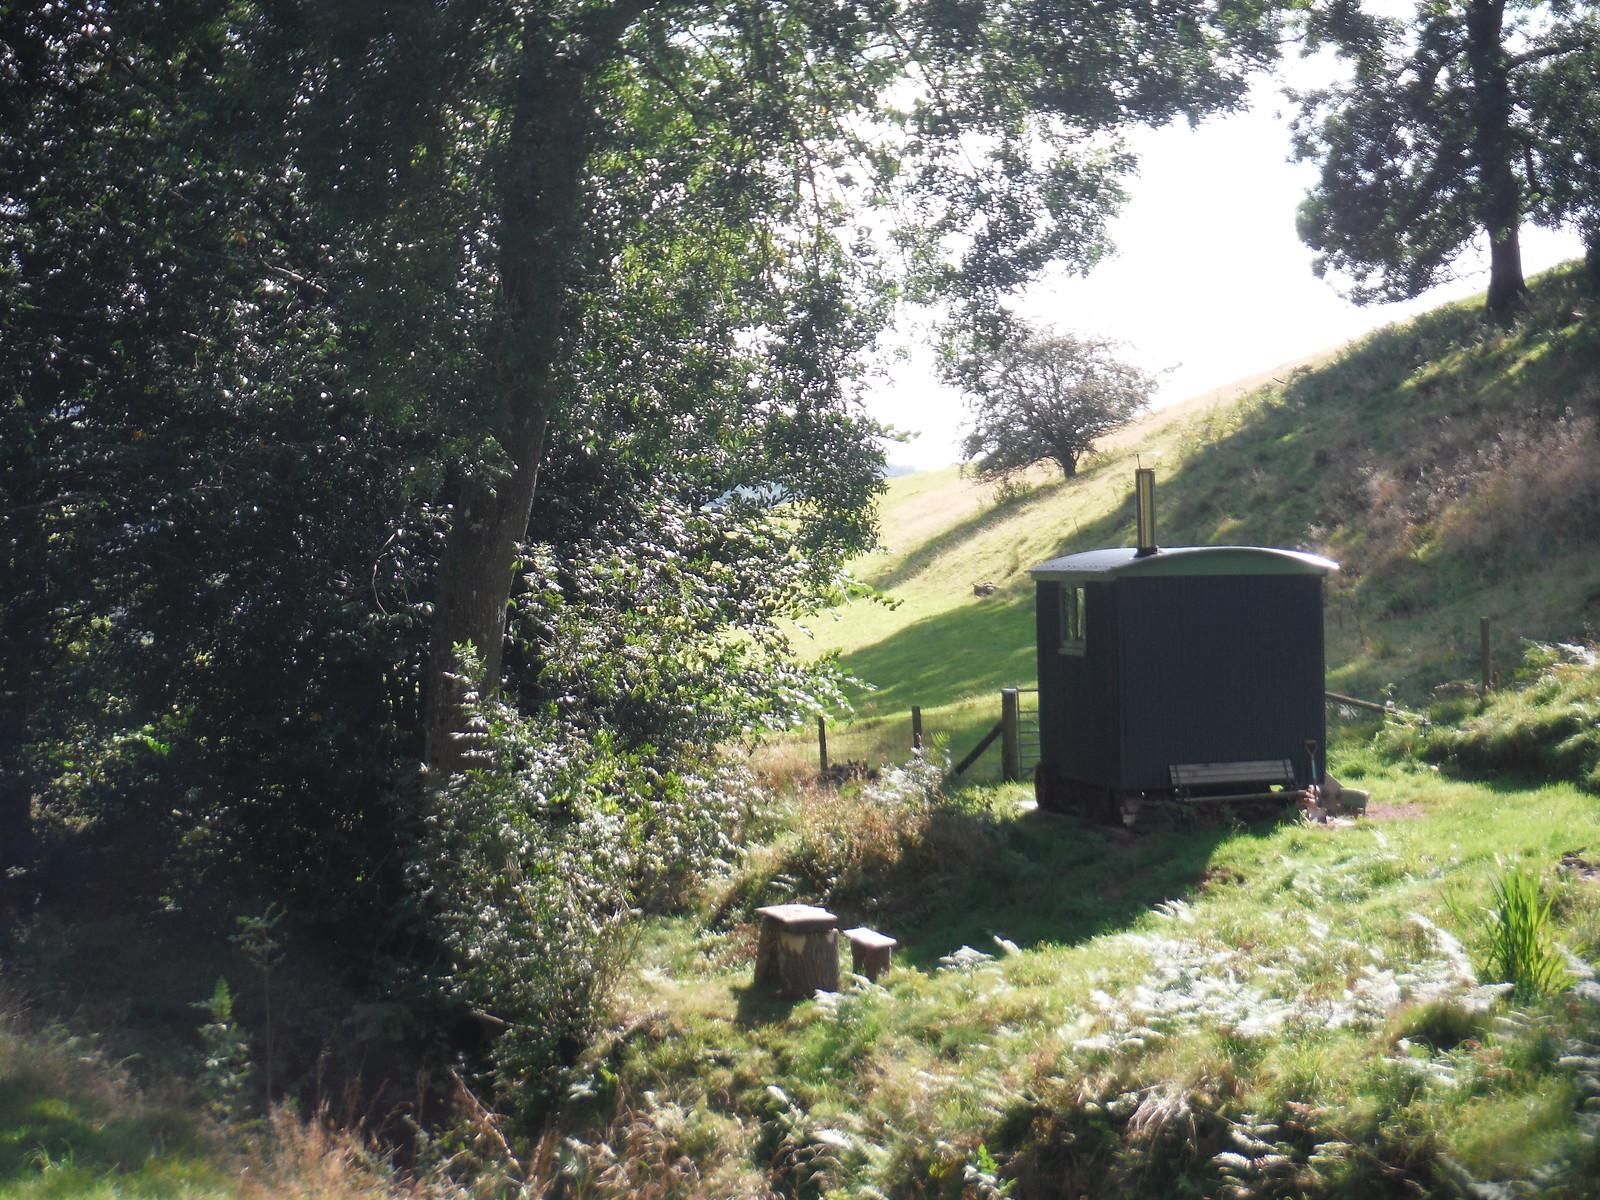 Shepherd's Hut, Cwmbrynarw SWC Walk 347 - Llanvihangel Crucorney Circular (via Bryn Arw and The Skirrid)